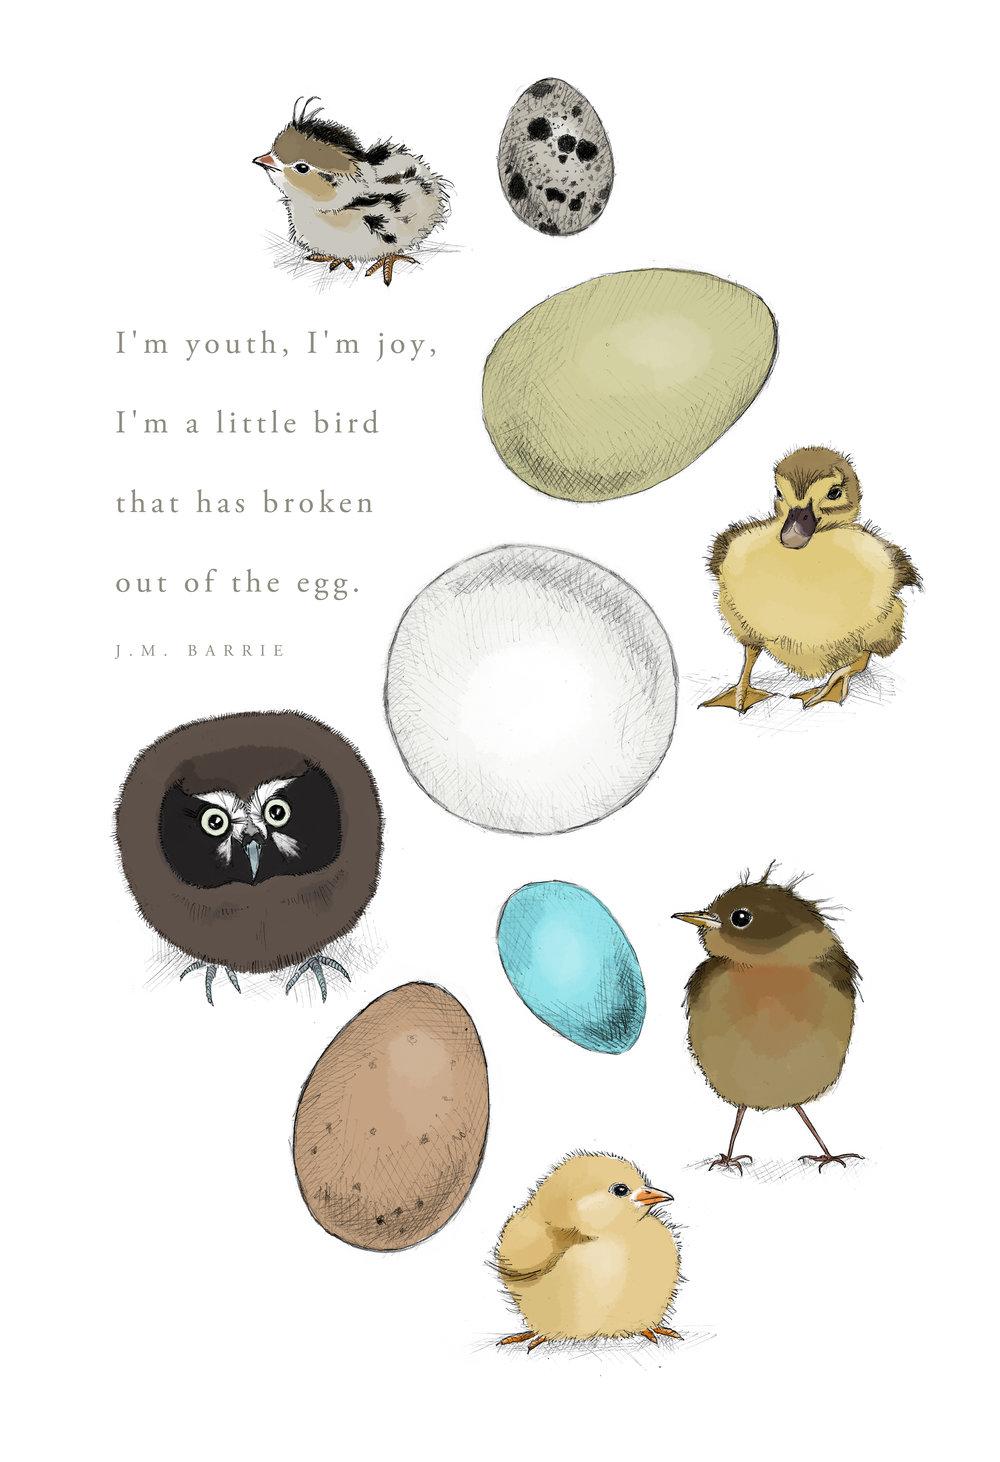 bird_egg_poster.jpg